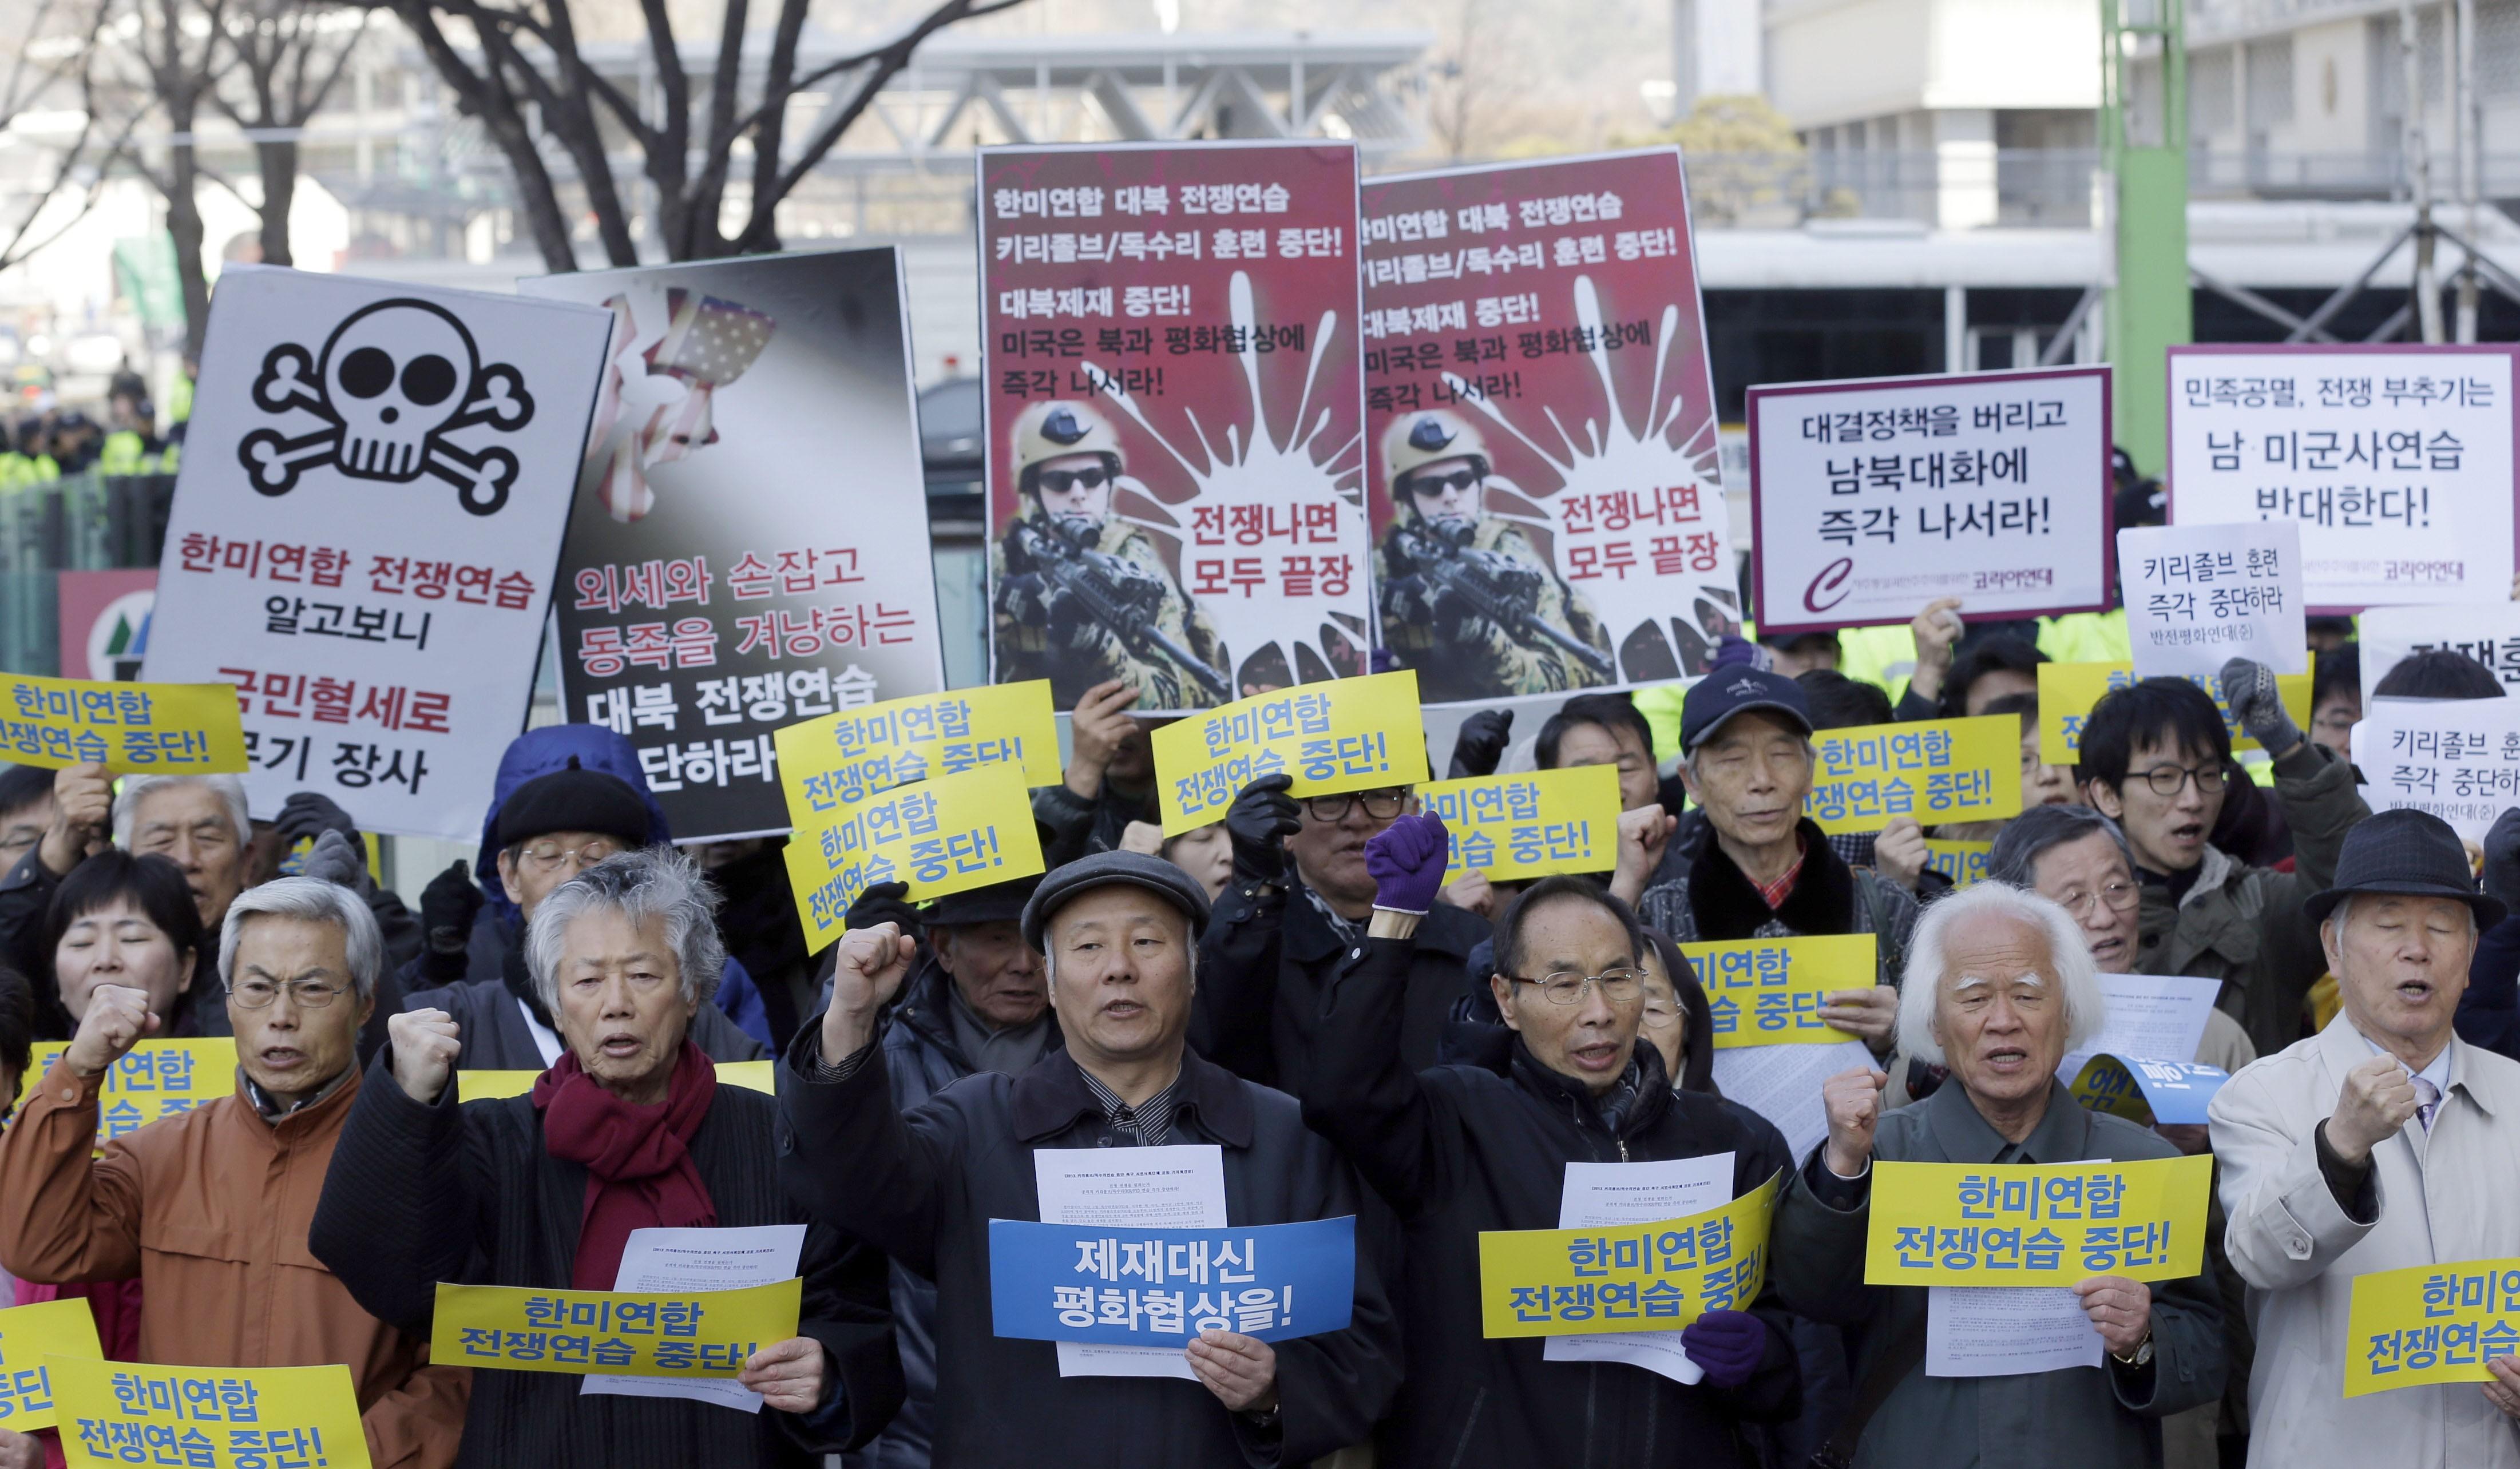 Manifestantes sul-coreanos protestam perto da Embaixada dos EUA em Seul pedindo o fim dos exercícios militares na fronteira com a Coreia do Norte. (Foto: Lee Jin-man/AP Photo)